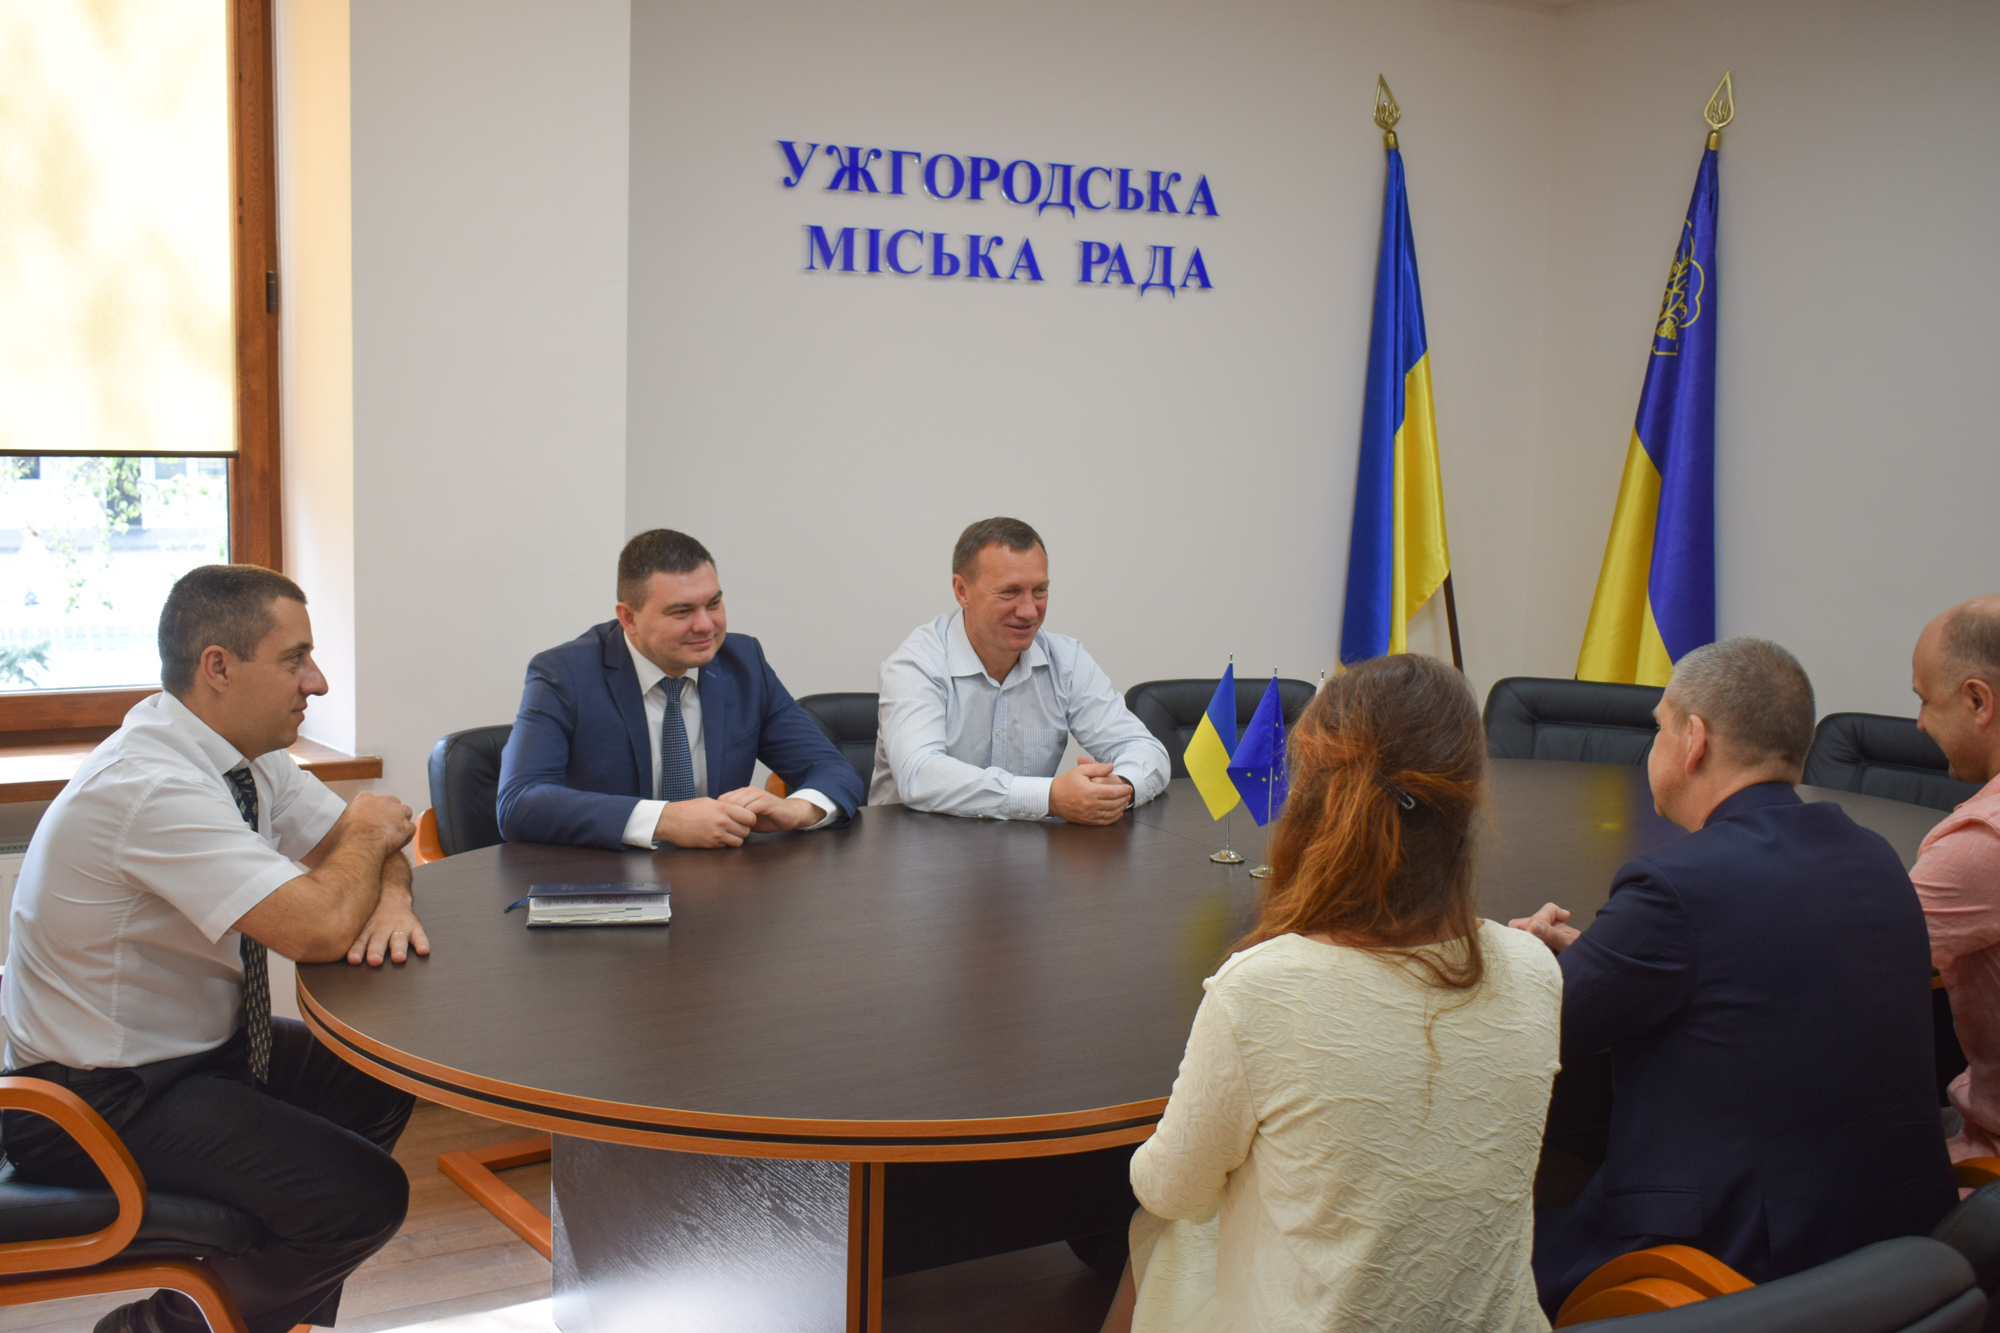 Ужгородські урядники зустрілися з представником Польщі